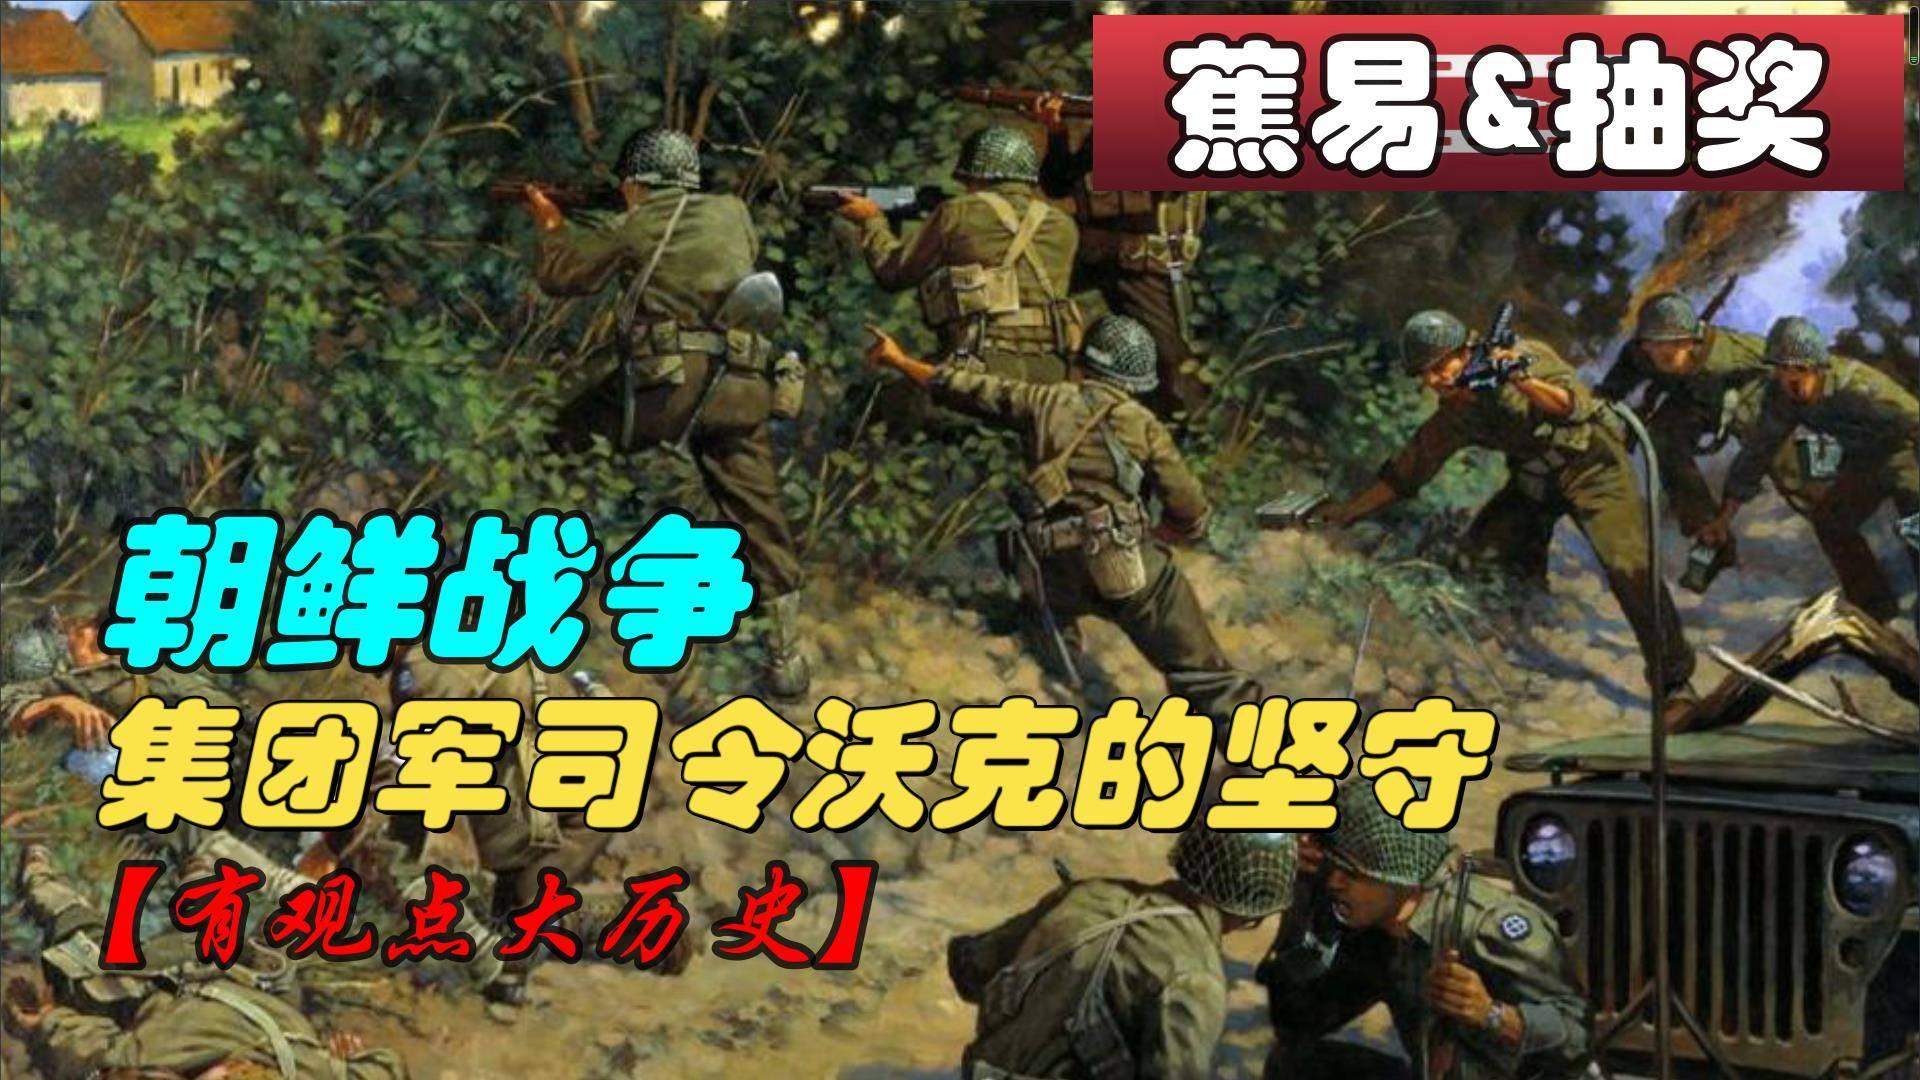 #蕉易&抽奖# 朝鲜战争 集团军司令沃克的坚守